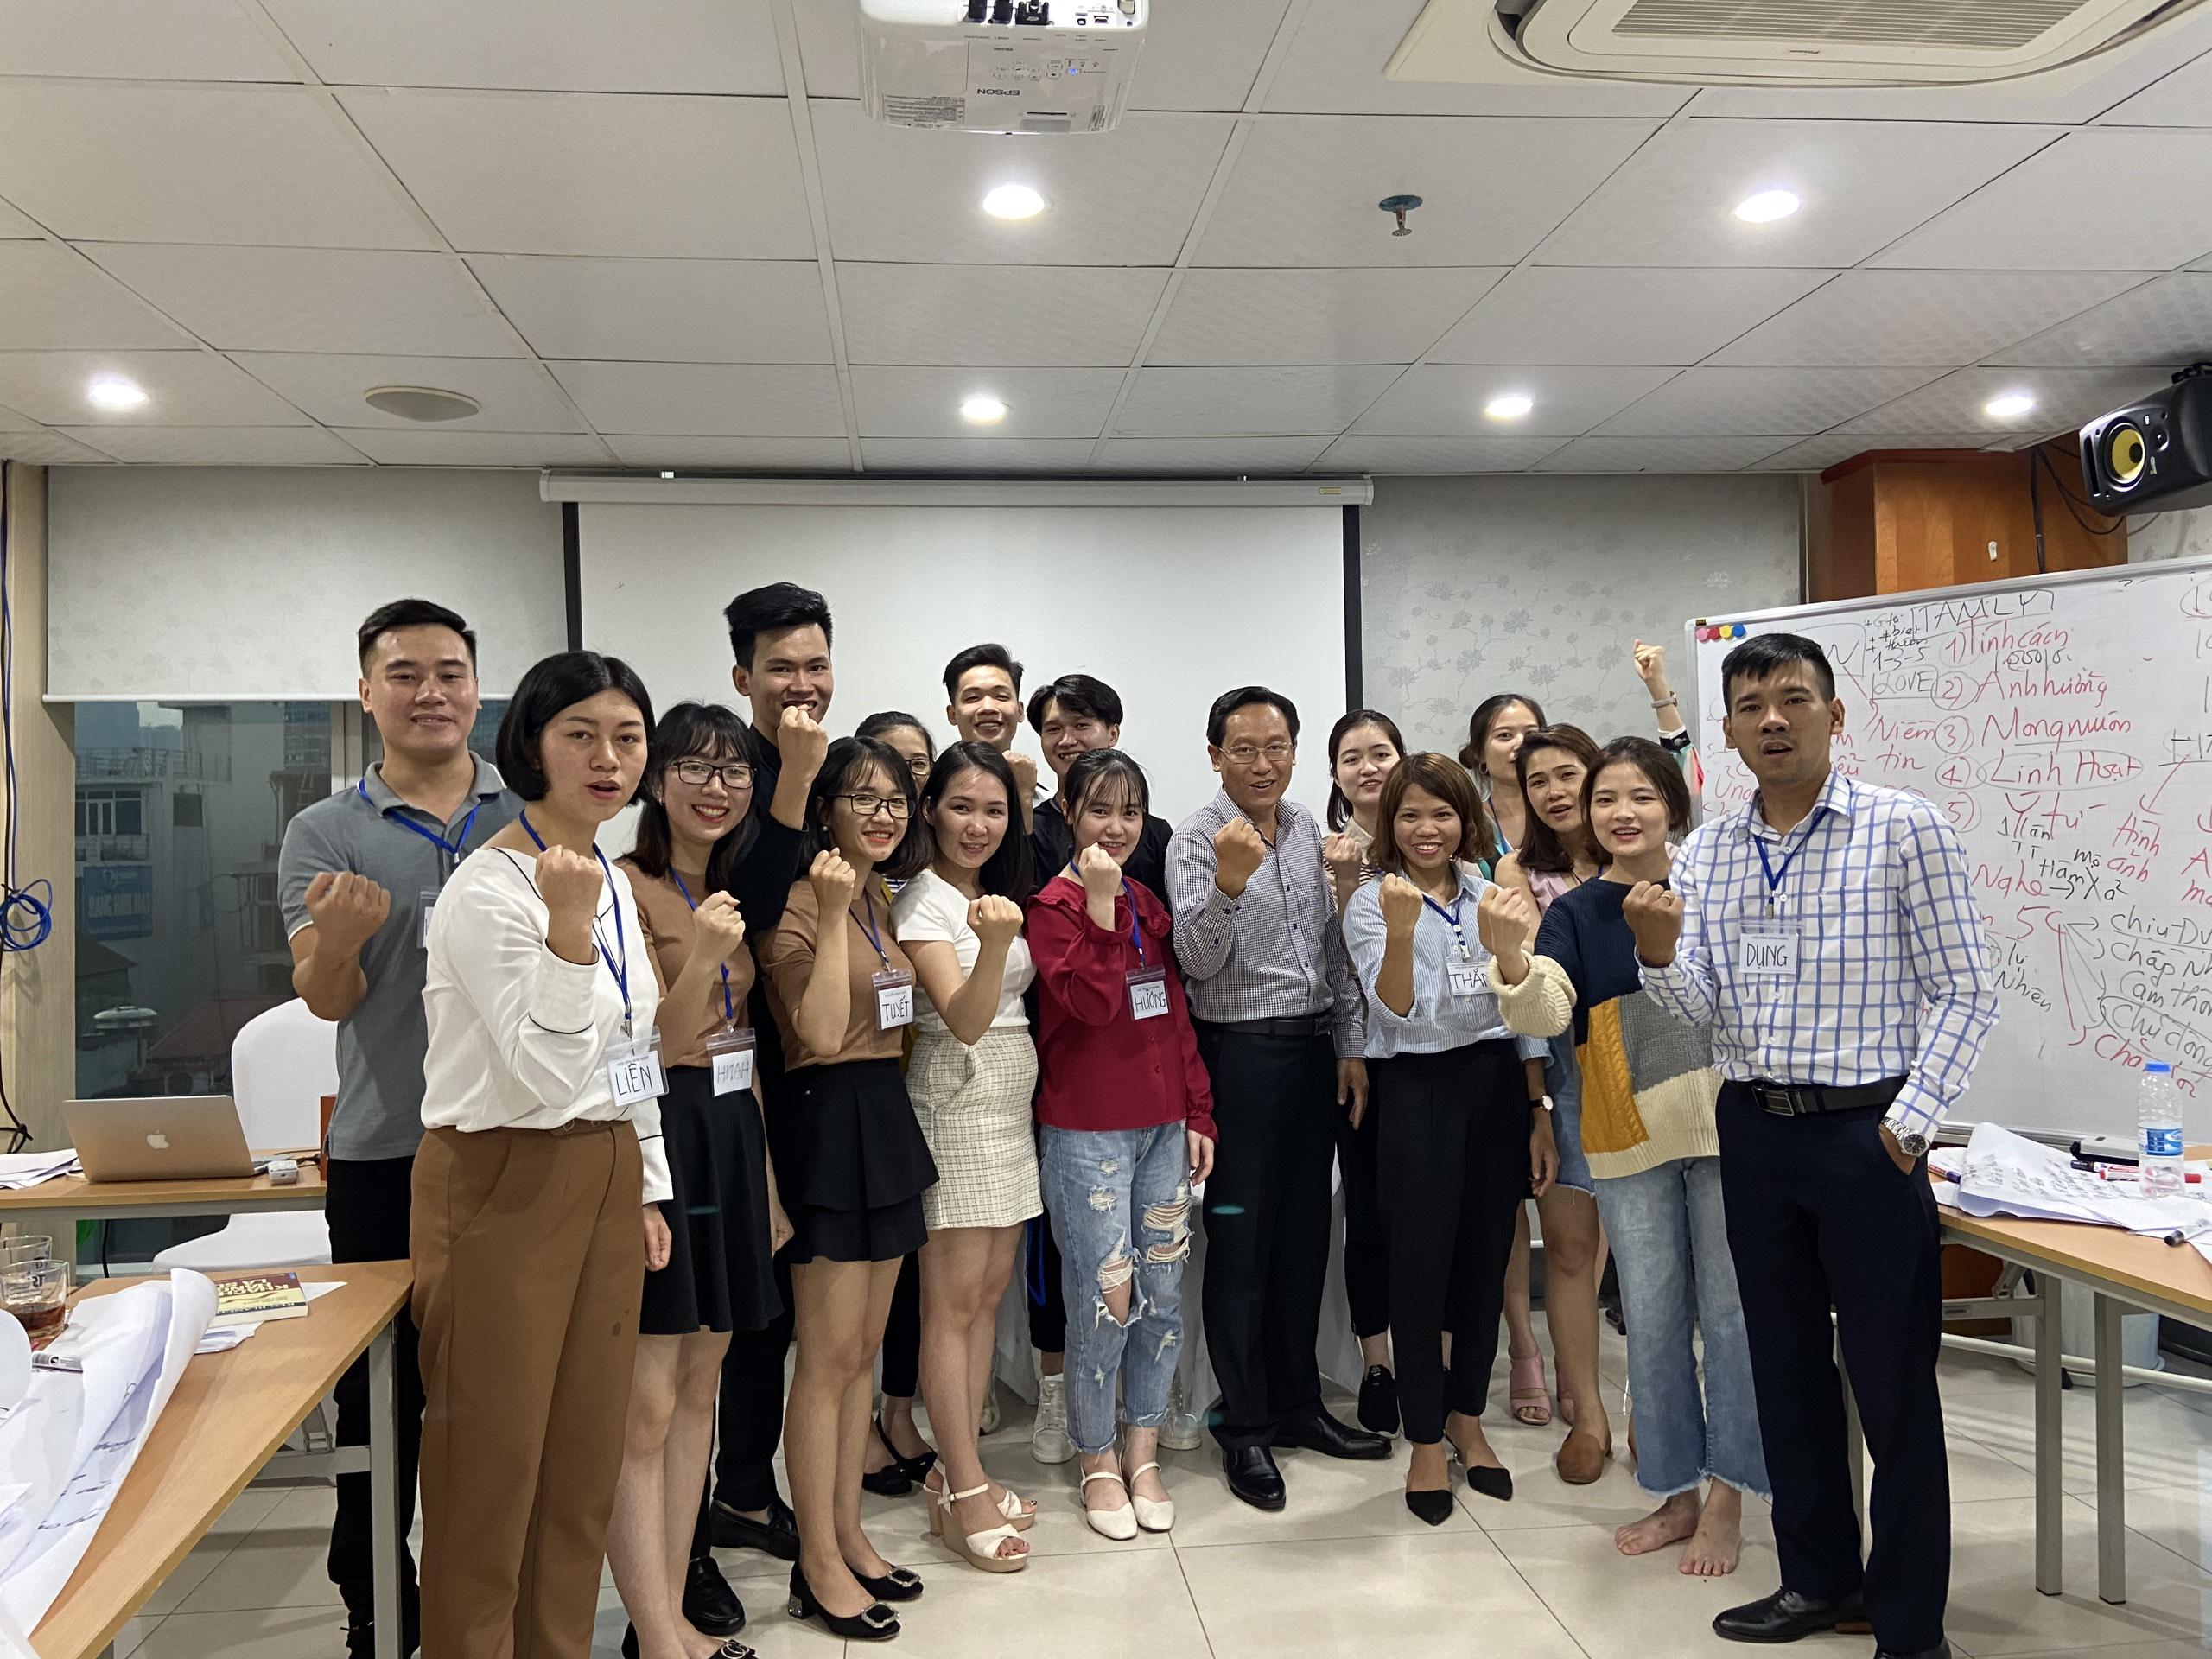 """Đào tạo public: """"kỹ năng giao tiếp bán hàng và CSKH Hhiệu quả"""" tại Hà Nội tháng 11 năm 2019"""